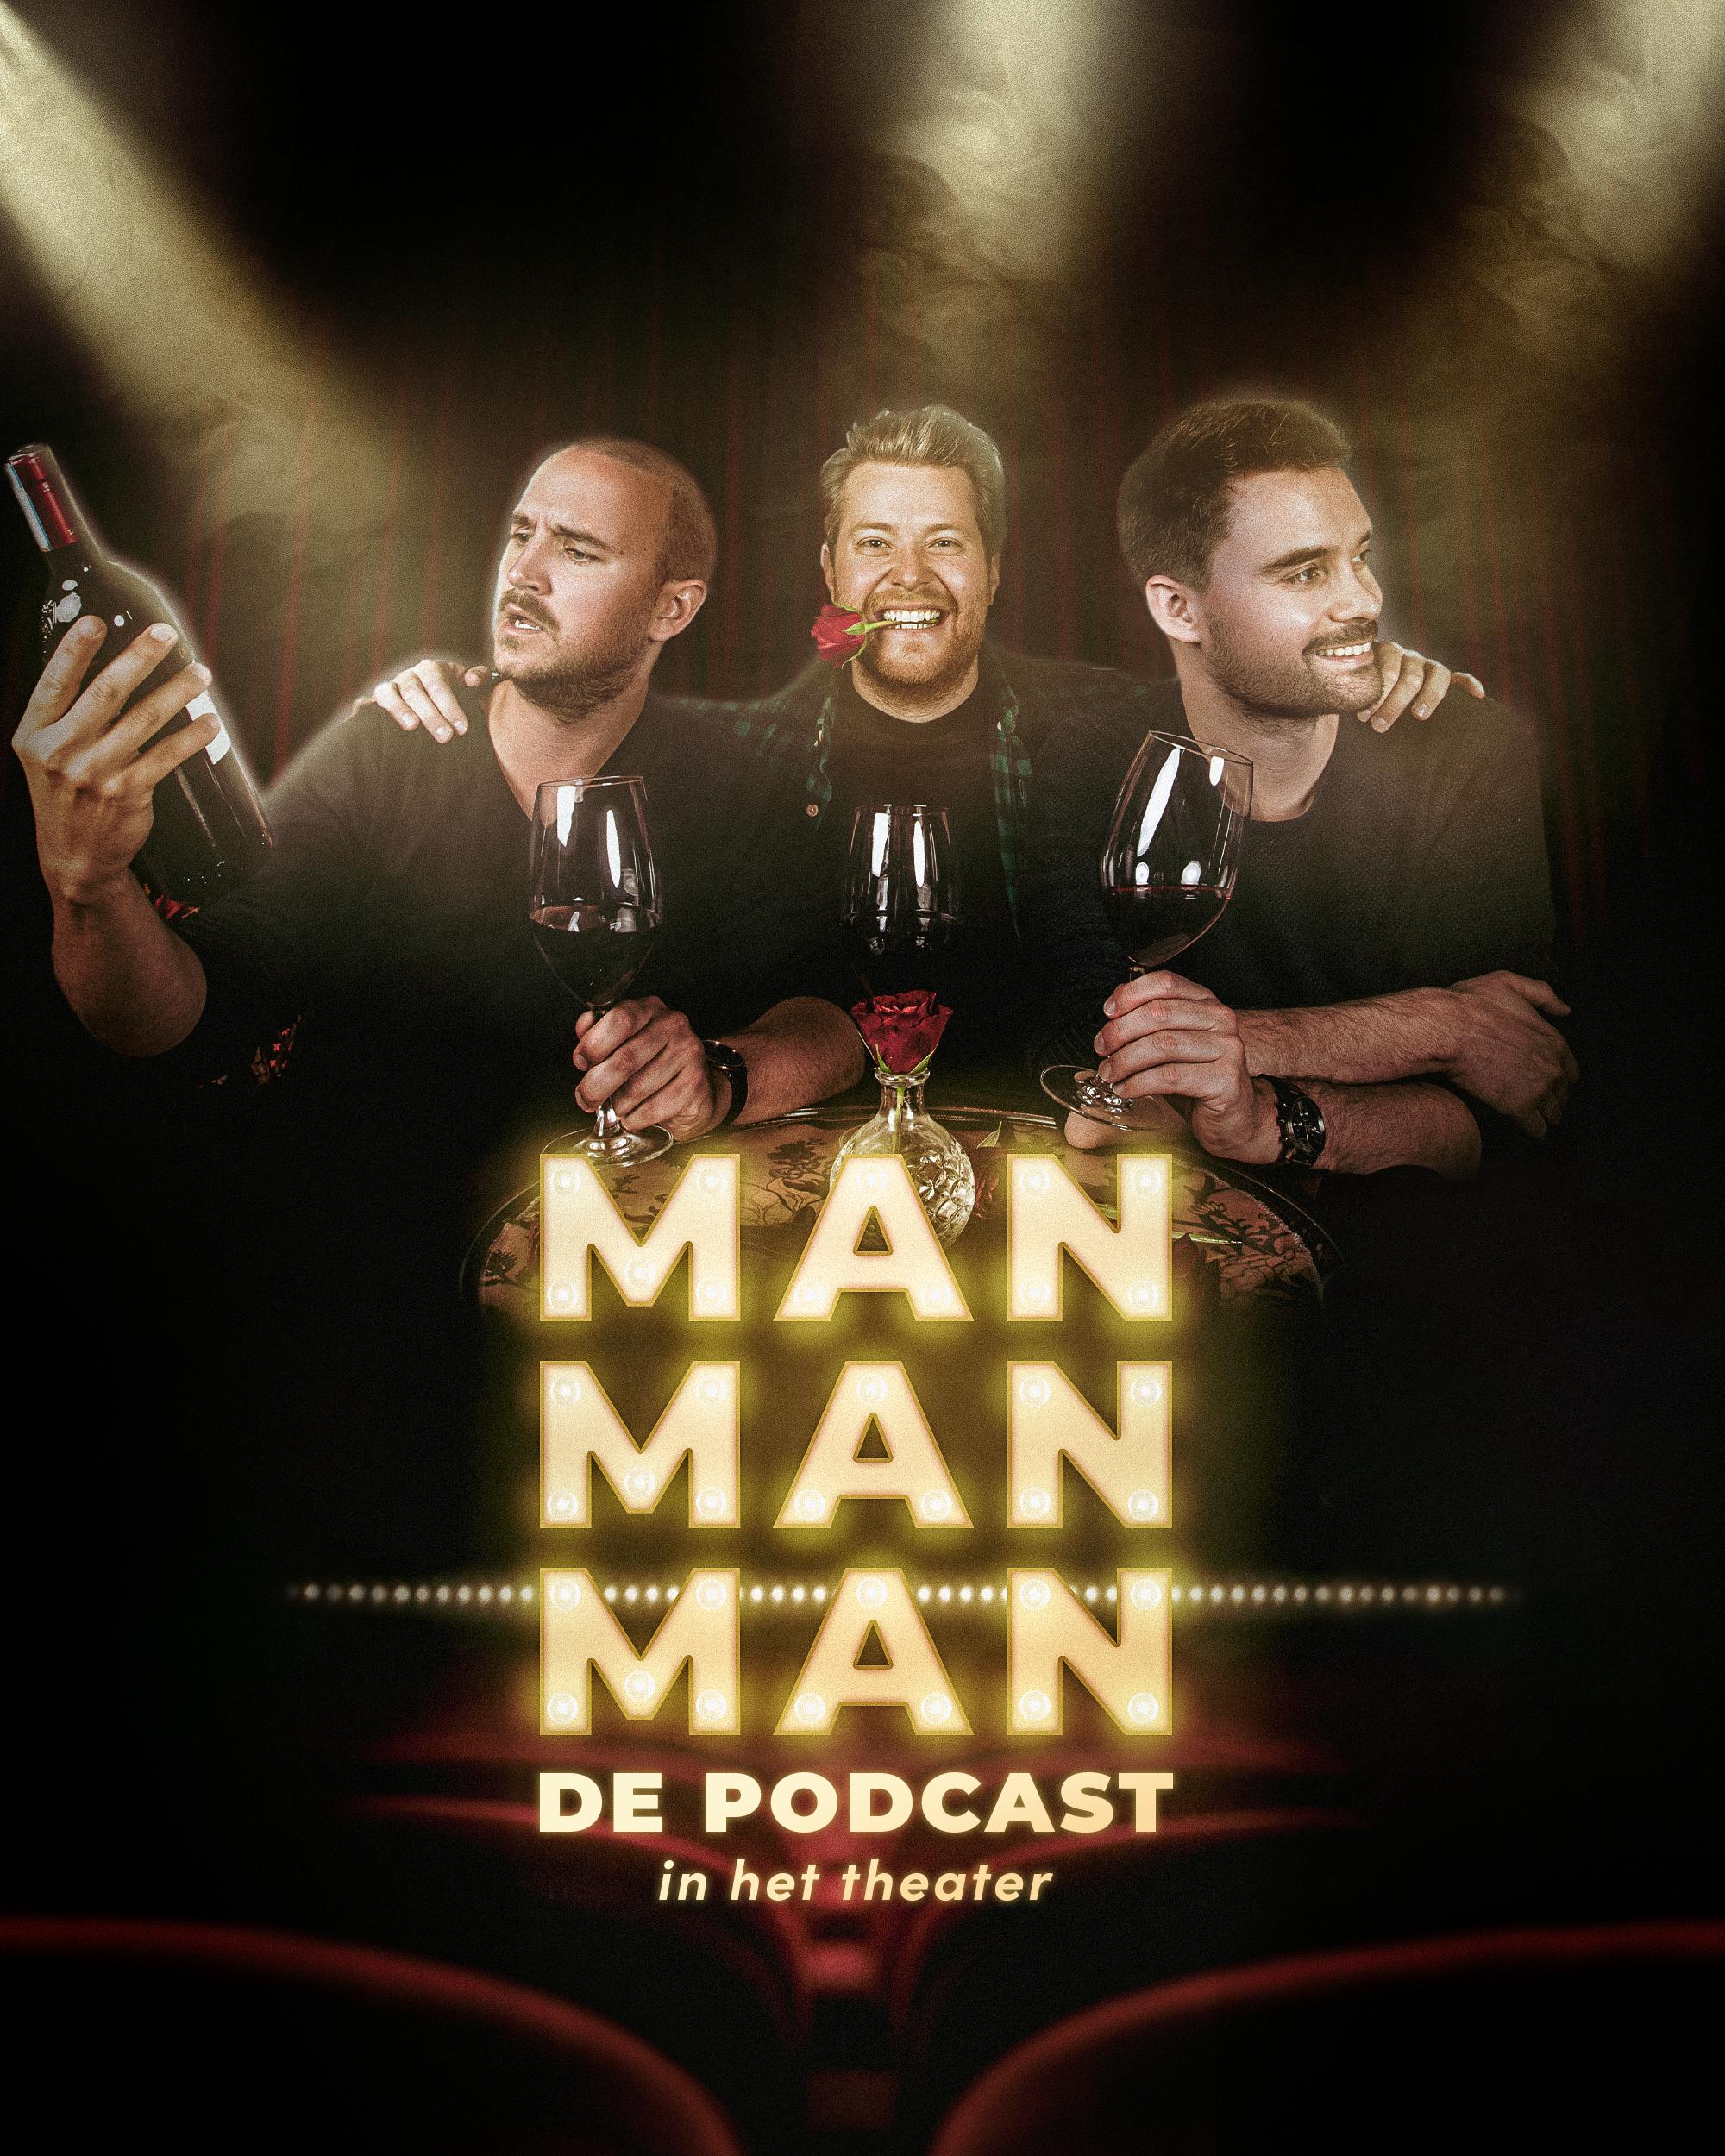 Man man man, de podcast - in het theater